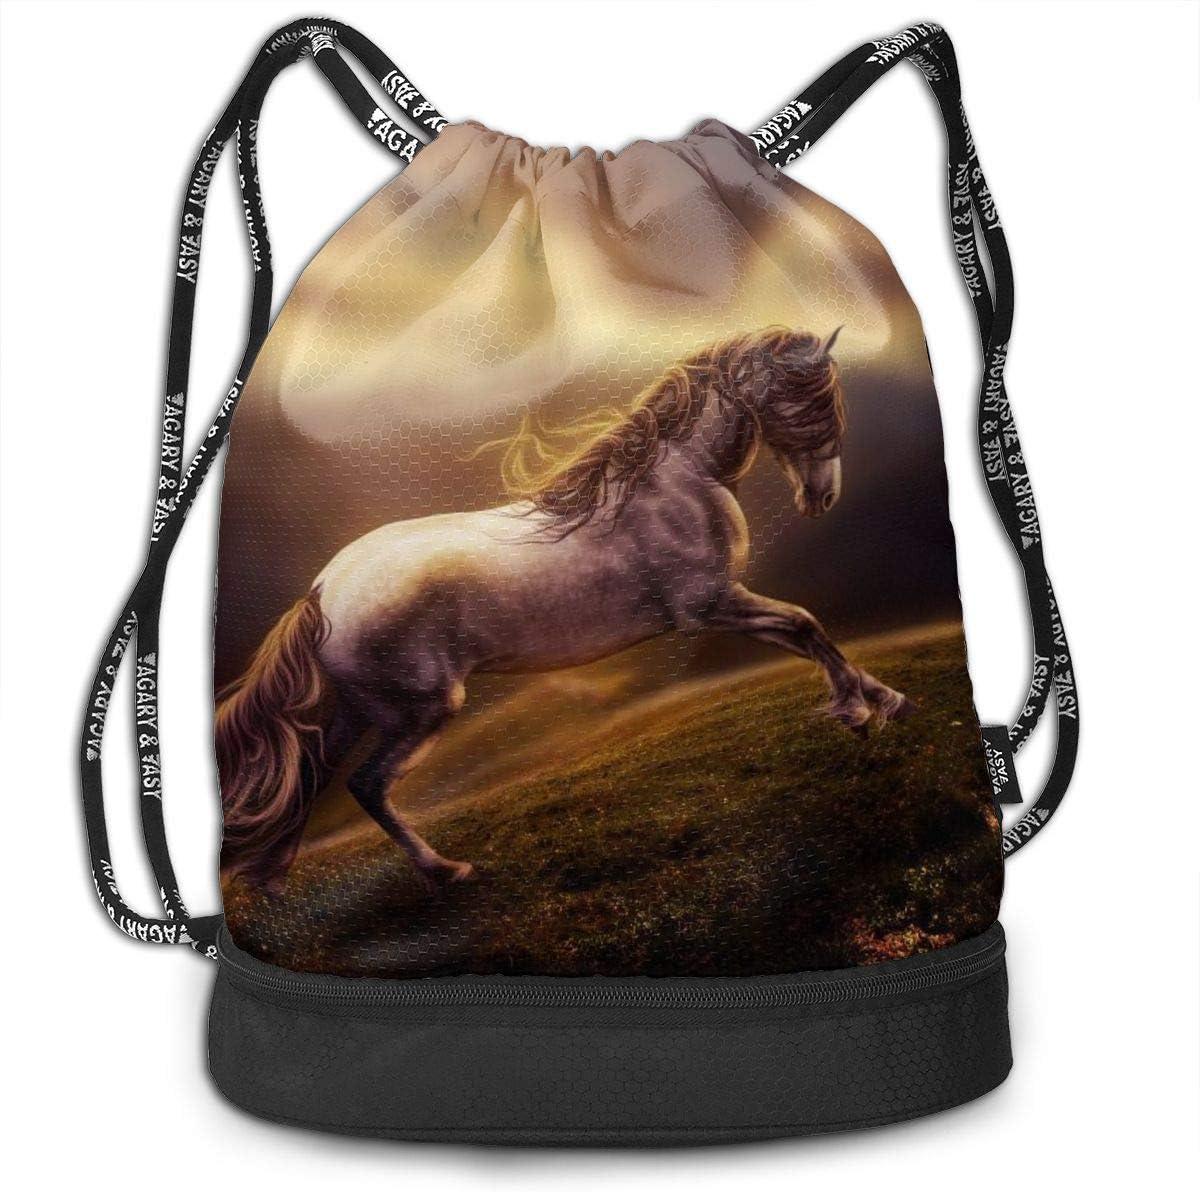 GymSack Drawstring Bag Sackpack Horse Sport Cinch Pack Simple Bundle Pocke Backpack For Men Women